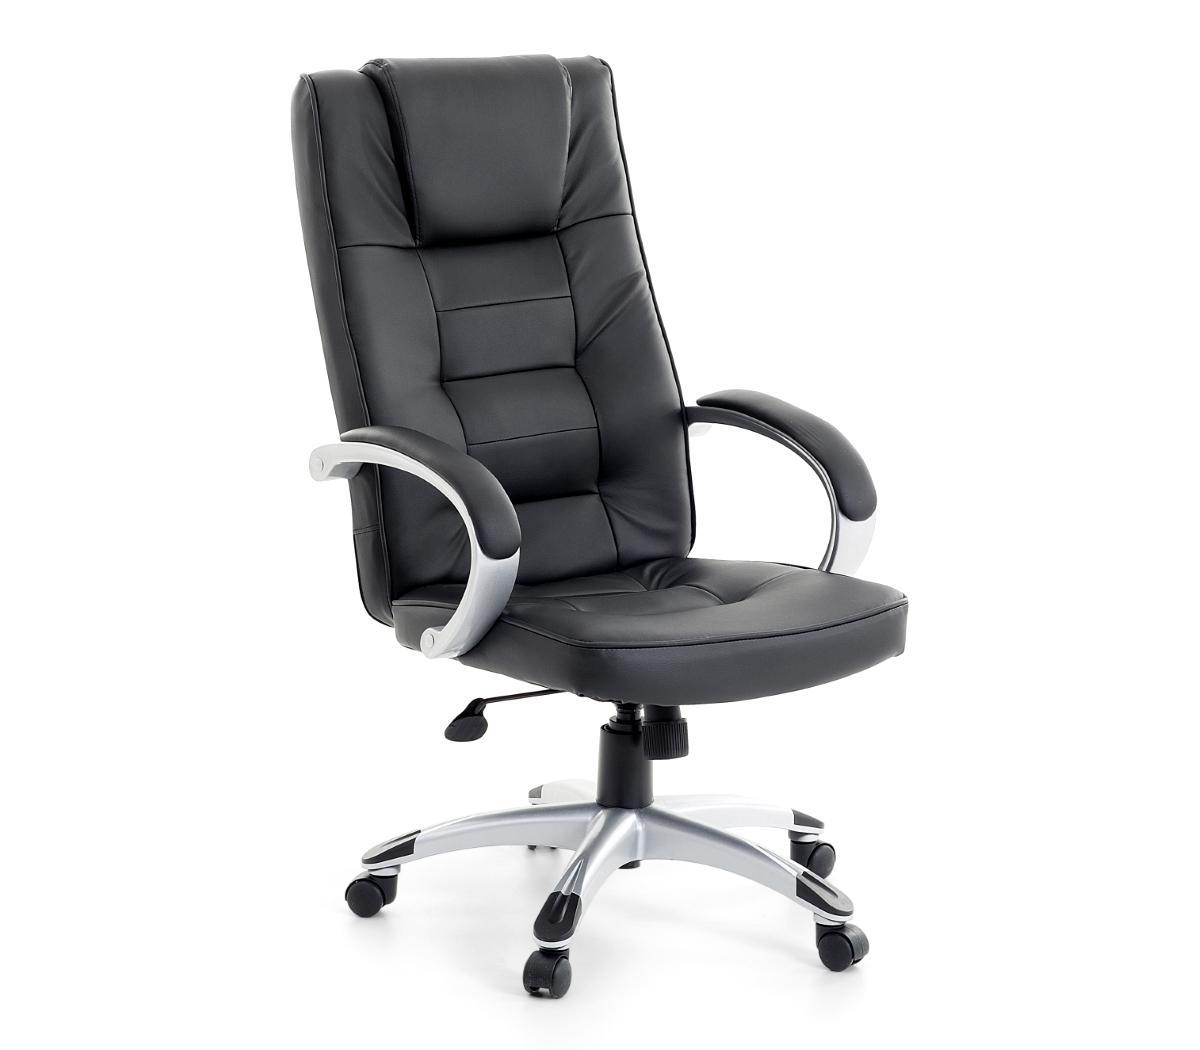 leder chefsessel massagesessel san diego b rostuhl schwarz mit massage bequem g nstig. Black Bedroom Furniture Sets. Home Design Ideas